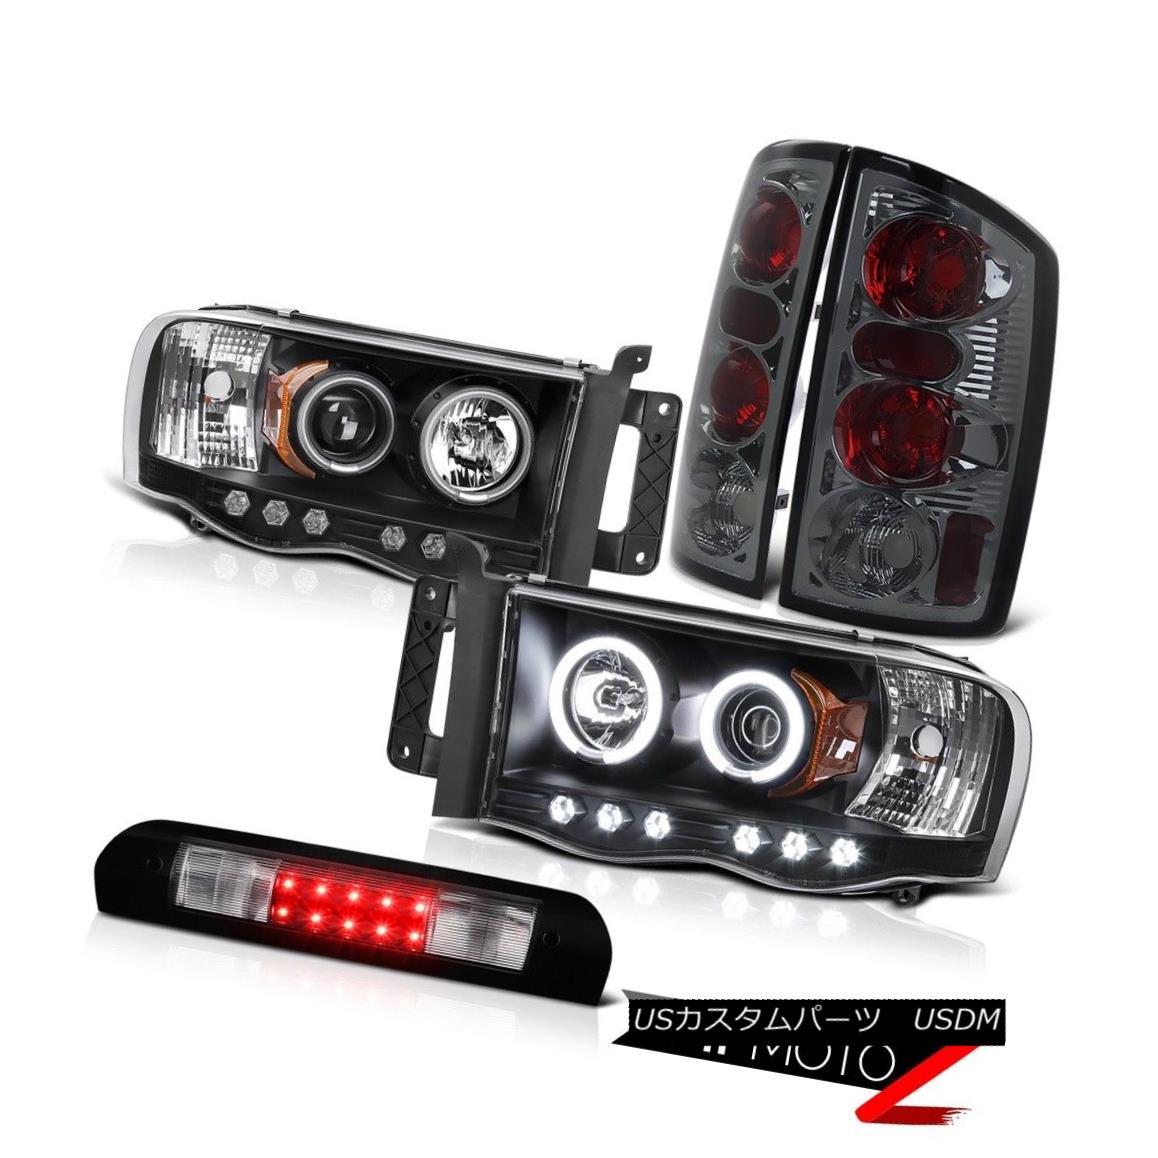 ヘッドライト Black CCFL Angel Eye Headlight Brake Light 3rd LED 2002 03 04 05 Ram TurboDiesel ブラックCCFLエンジェルアイヘッドライトブレーキライト3rd LED 2002 03 04 05ラムターボディーゼル